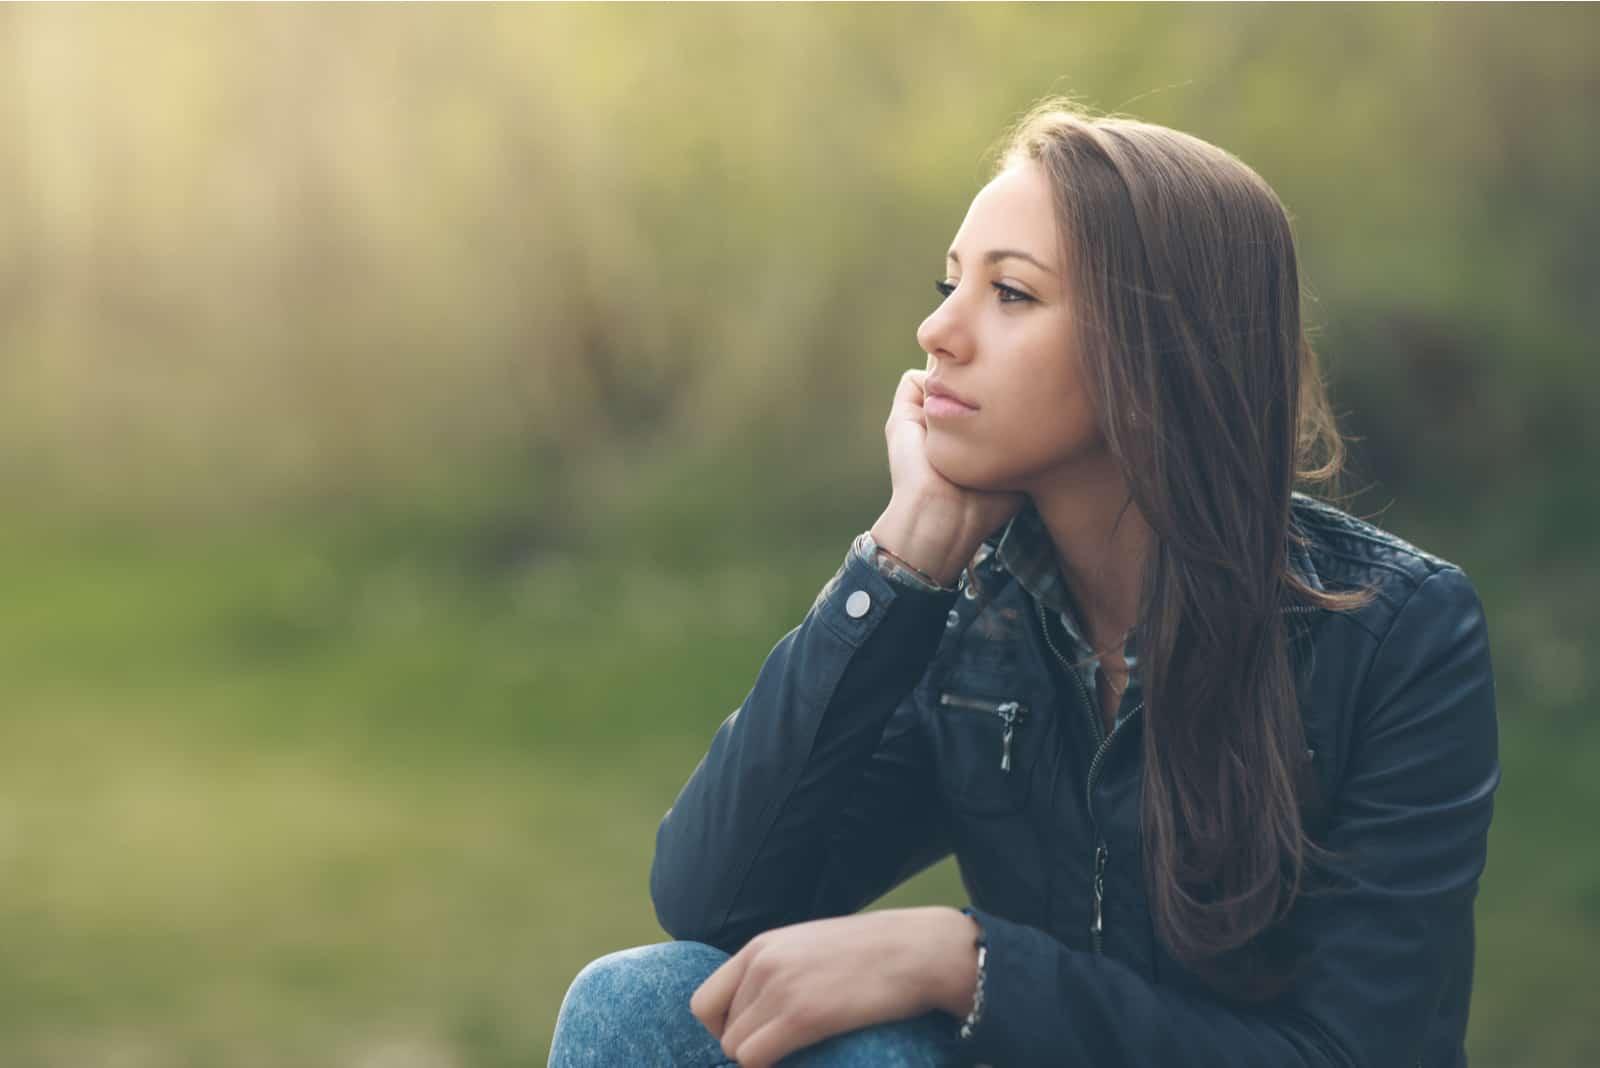 eftertænksom kvinde slapper af i parken